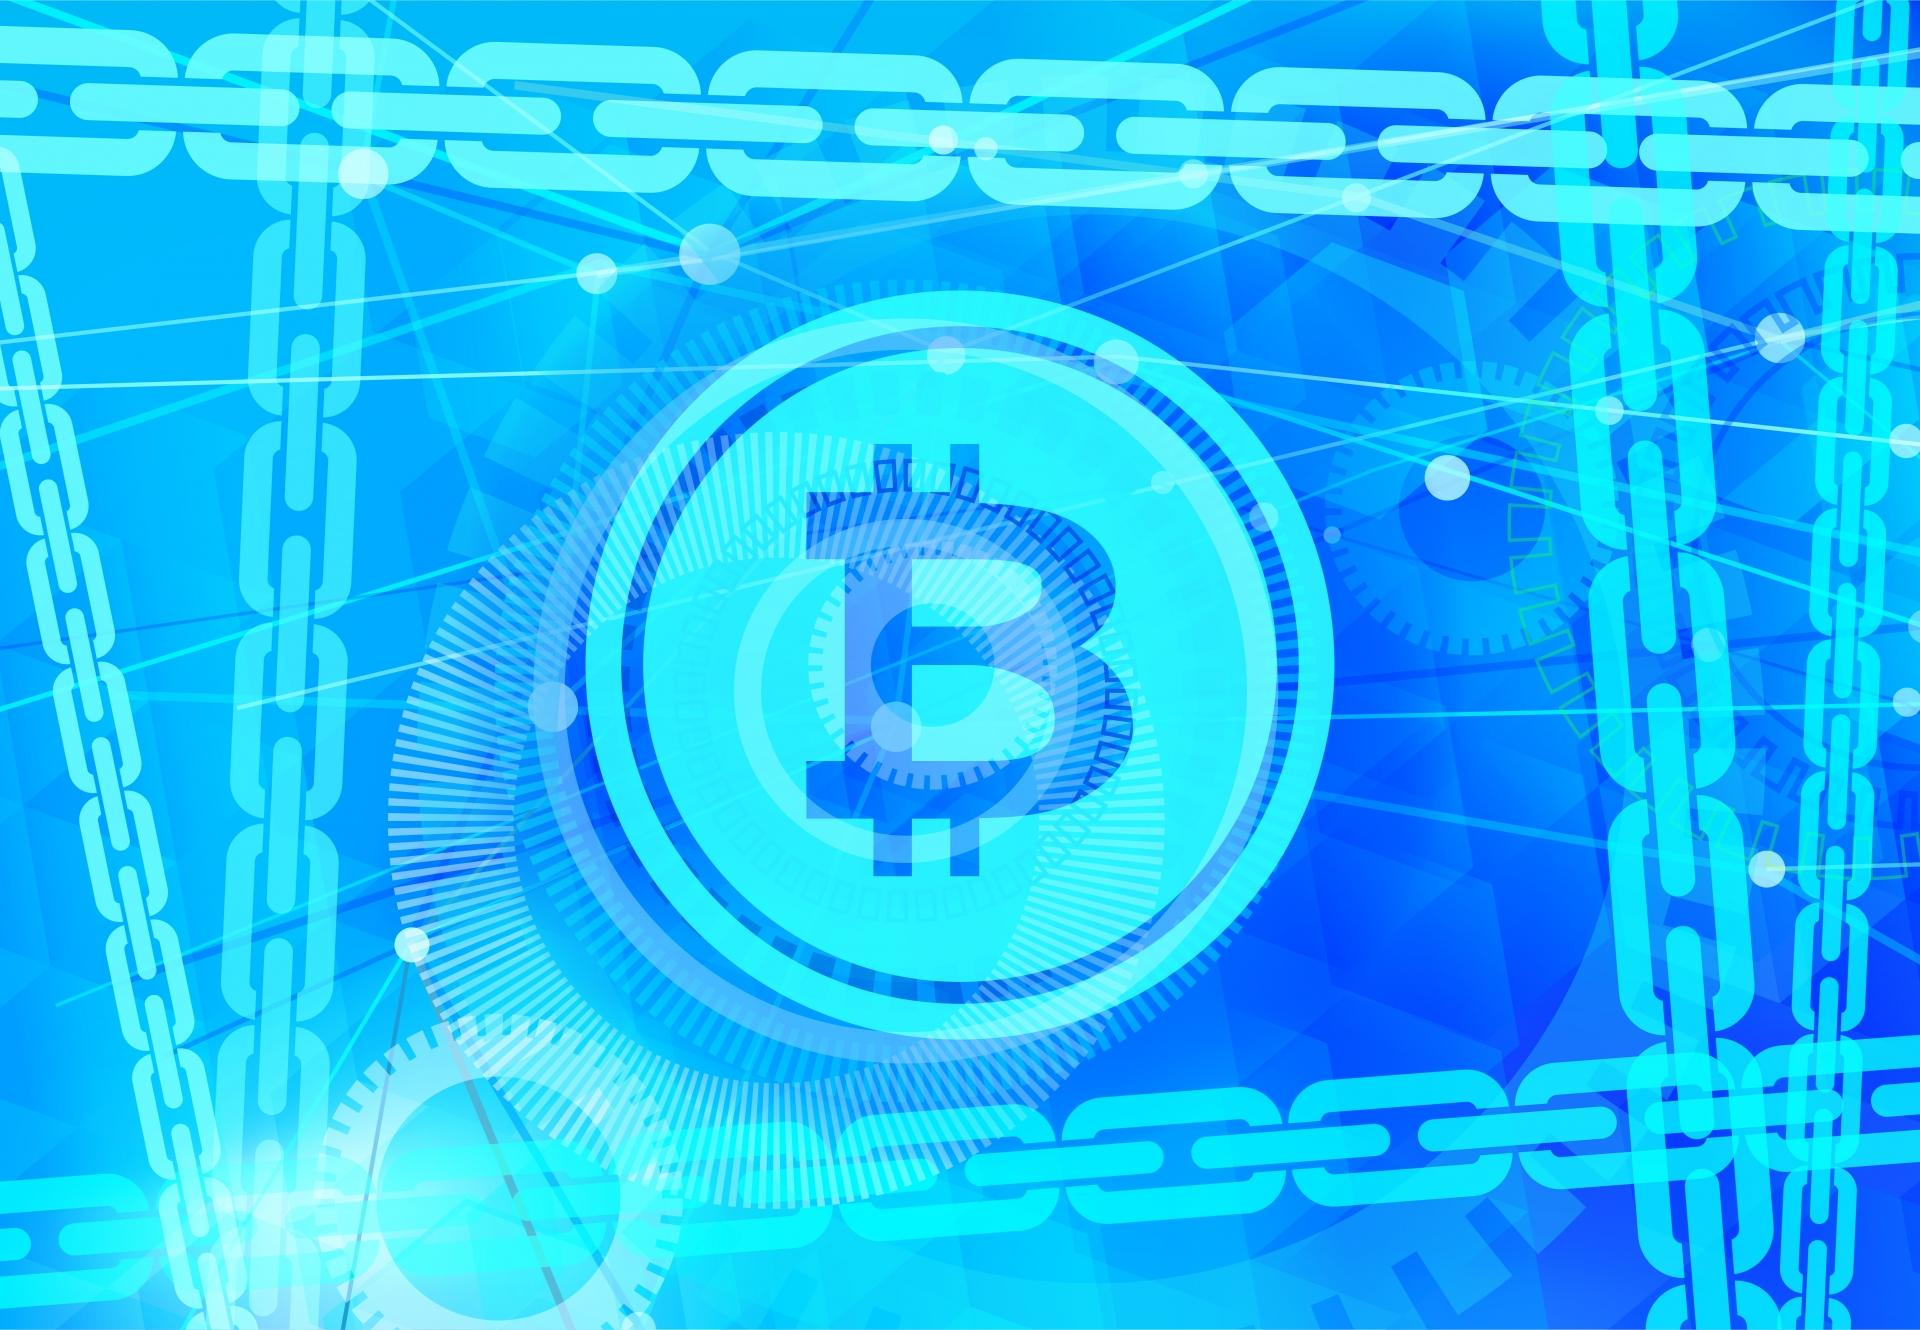 ビットコインとブロックチェーン(イメージ図)